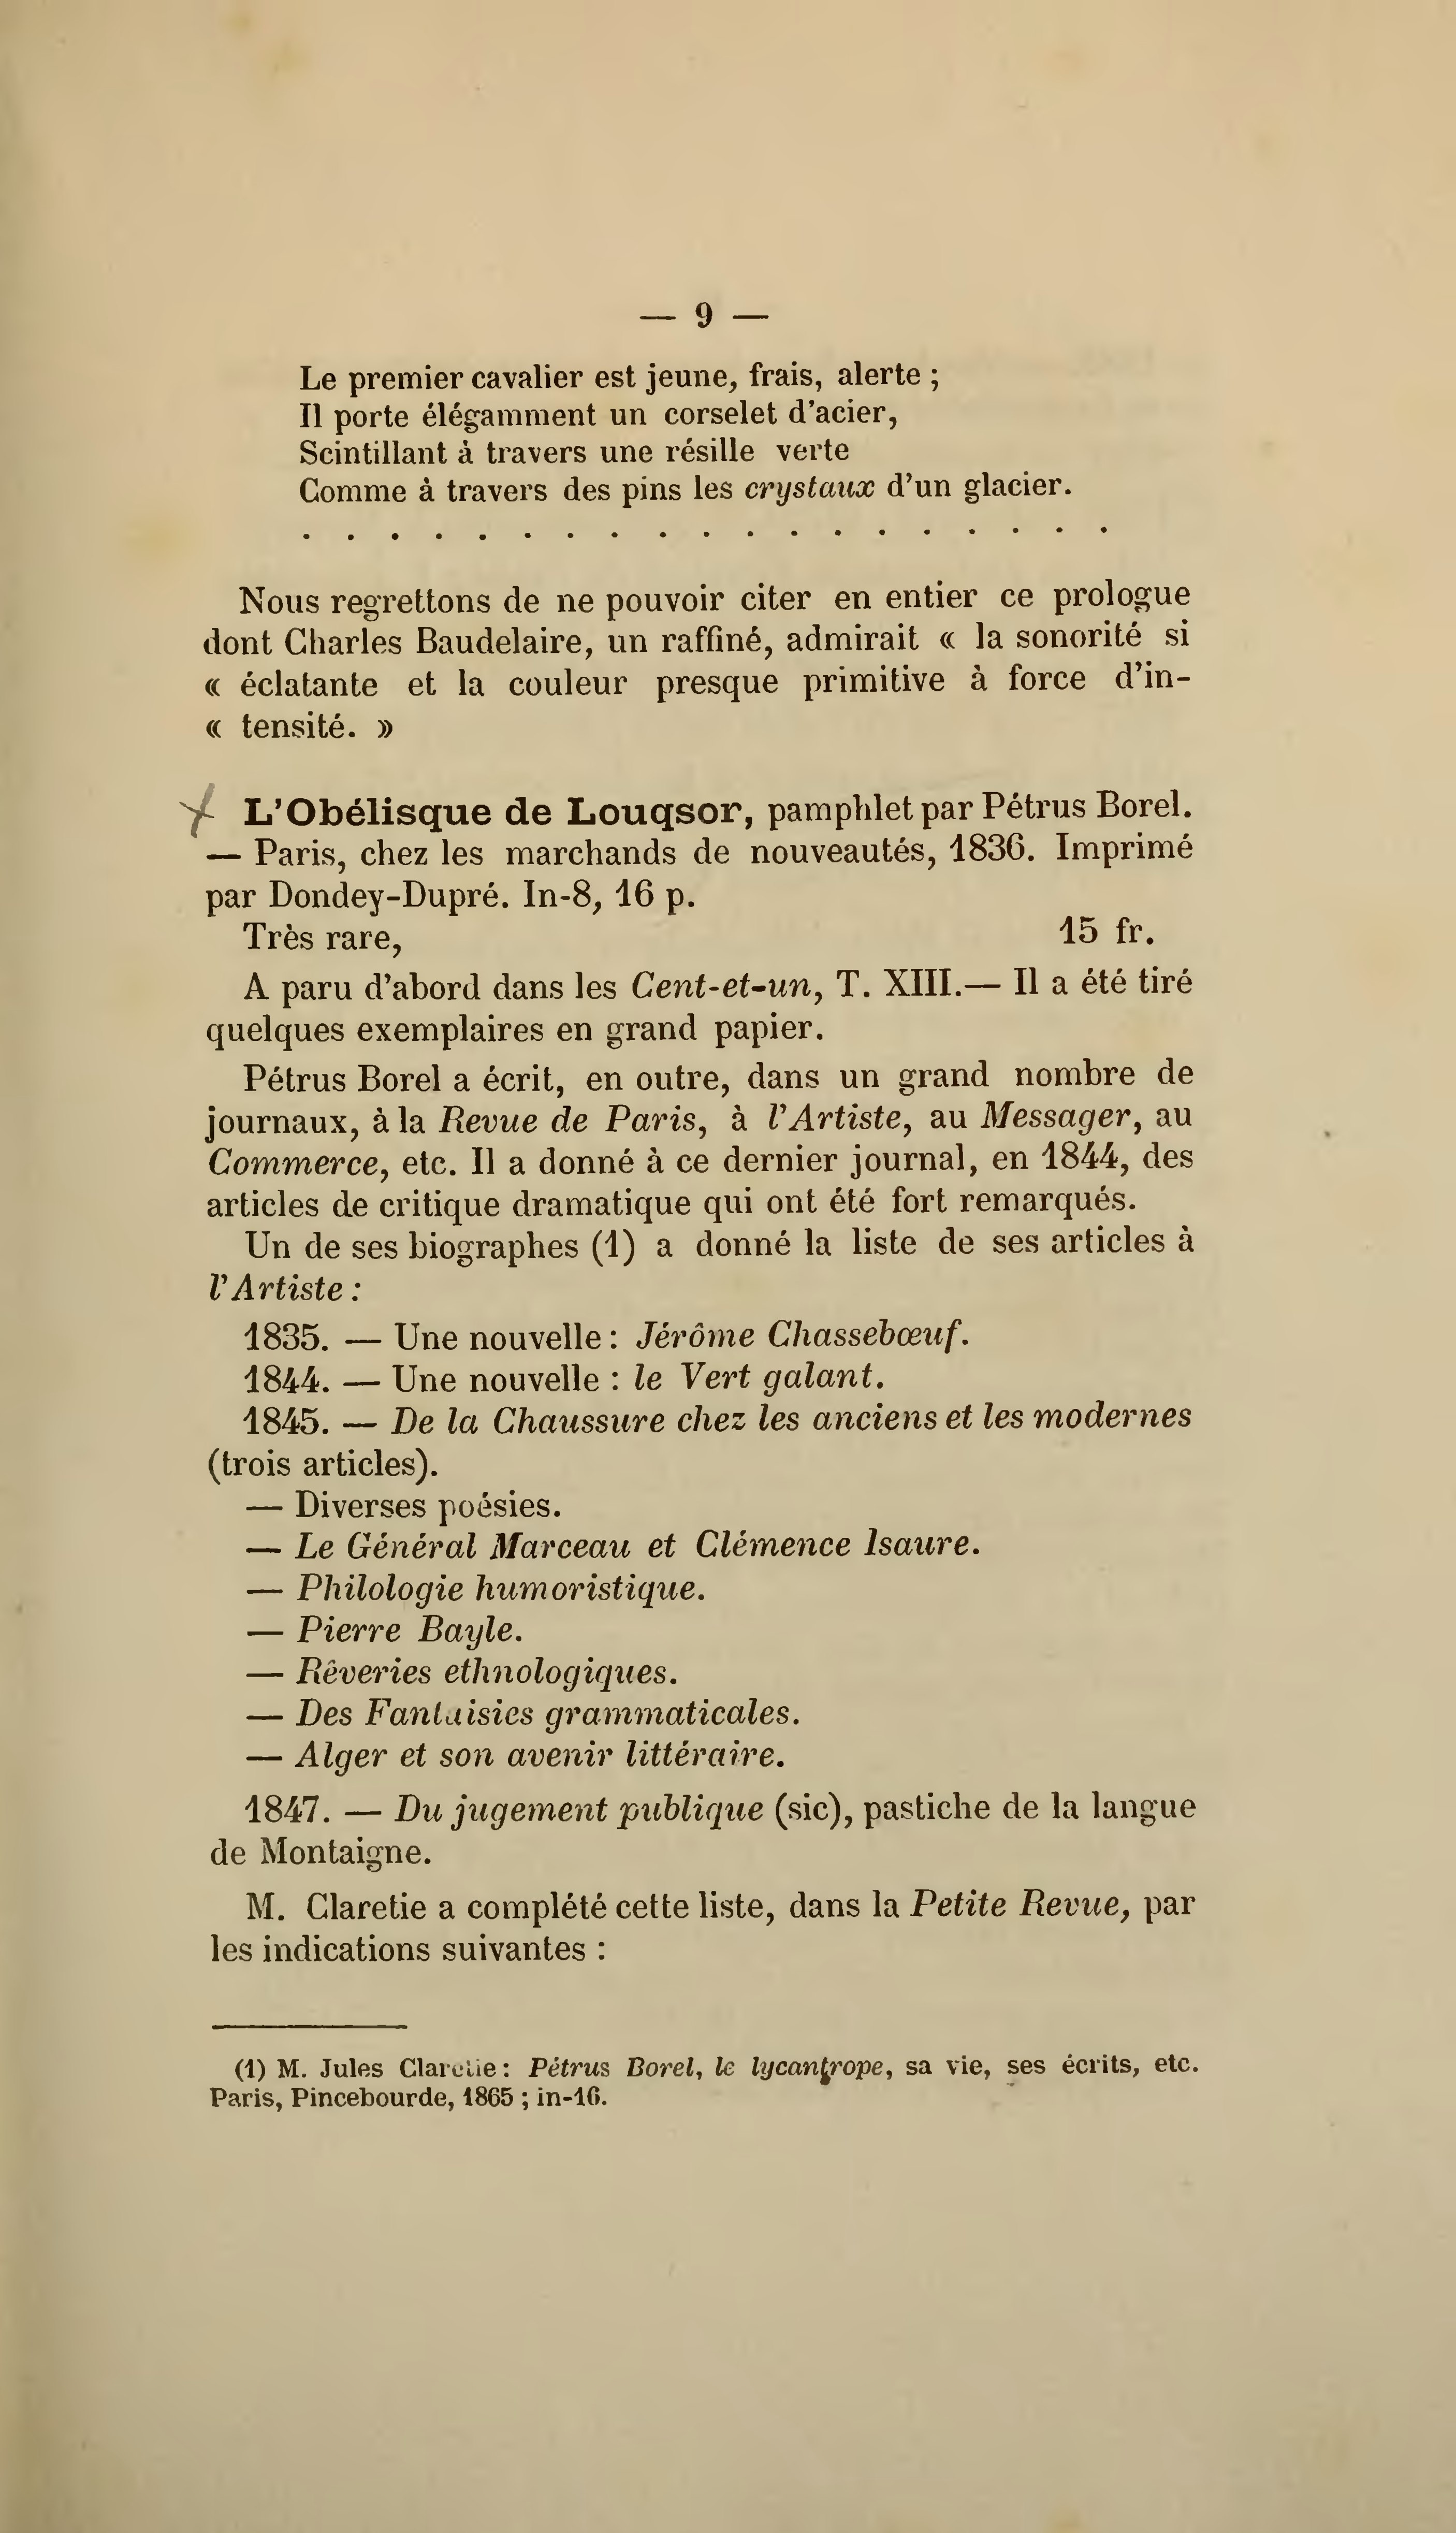 Ecrits drolatiques - Pétrus Borel